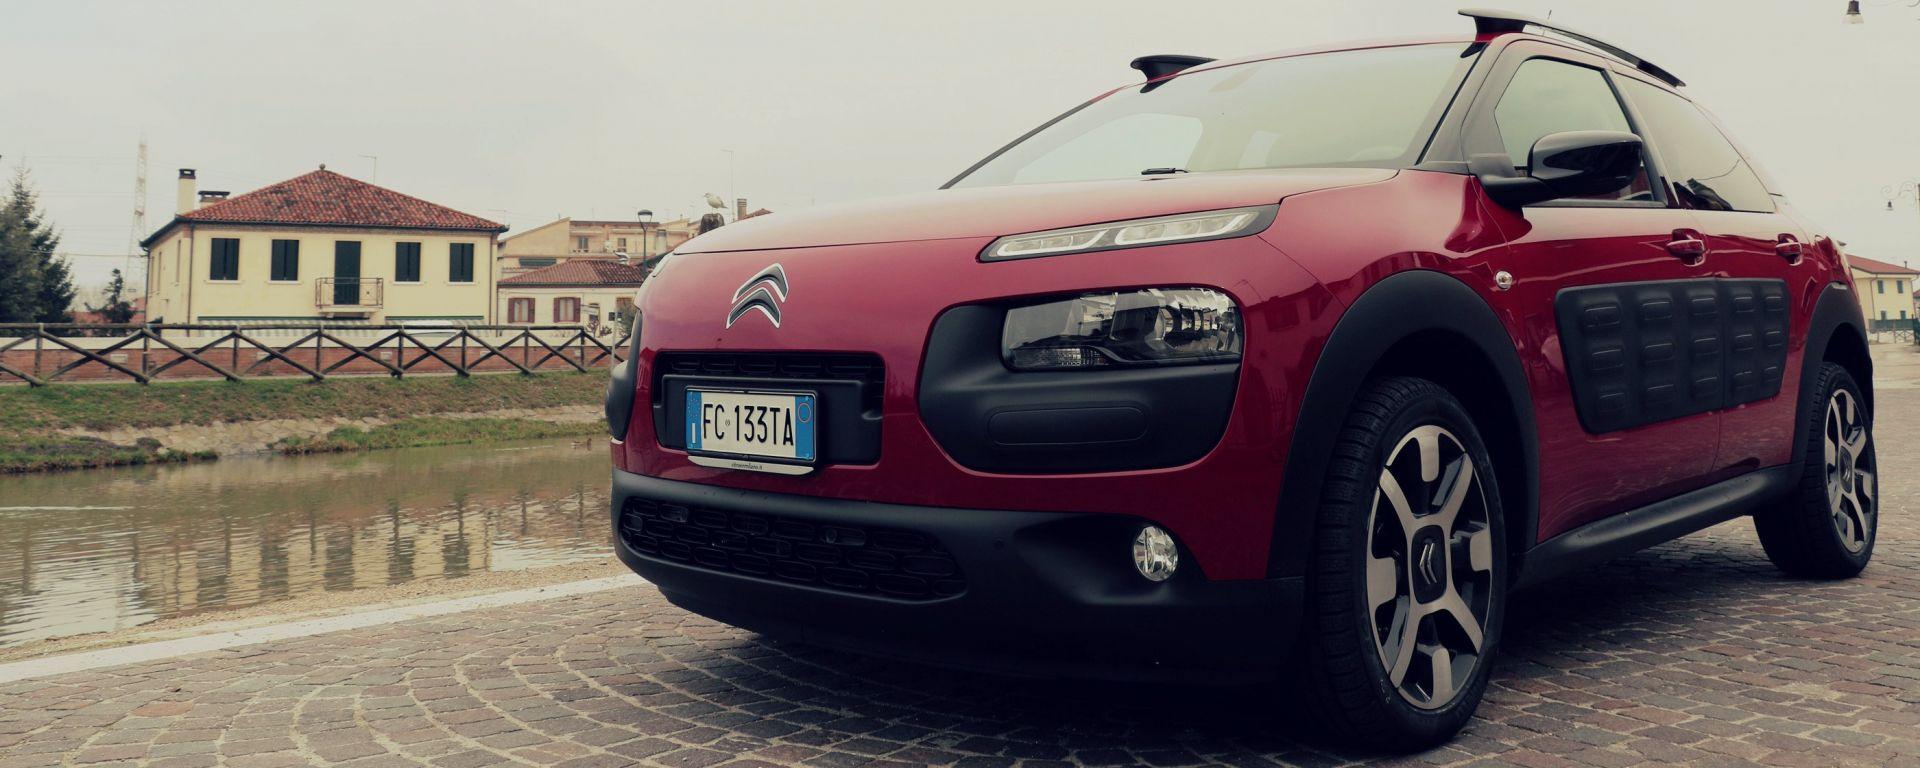 Citroën C4 Cactus 1.6 BlueHDi 100